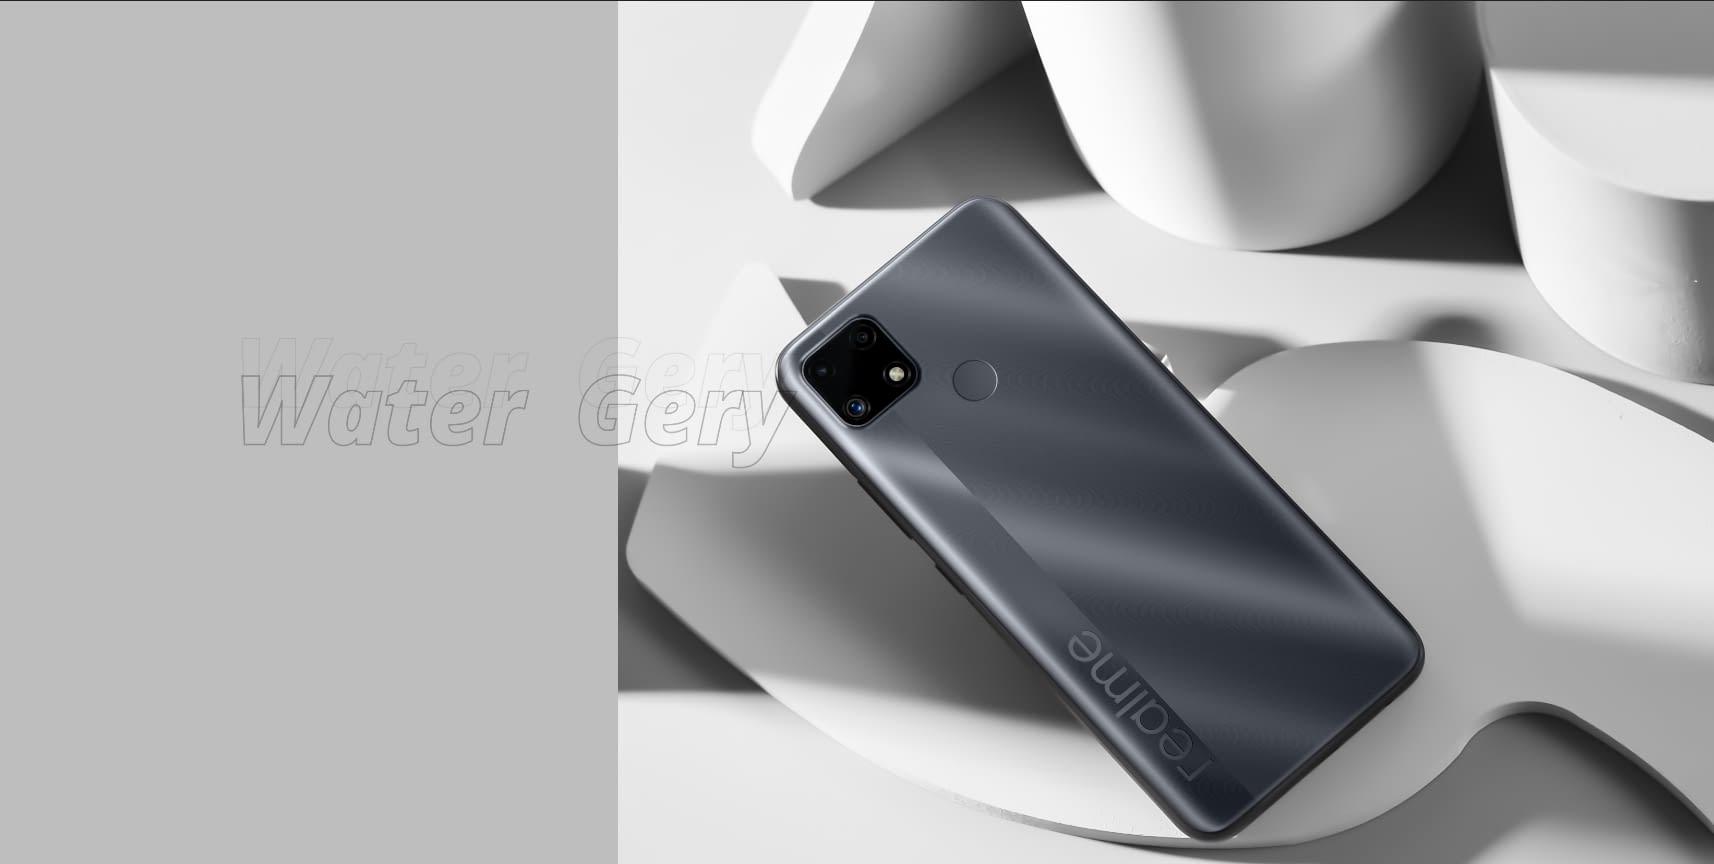 Realme C25 in Grey color